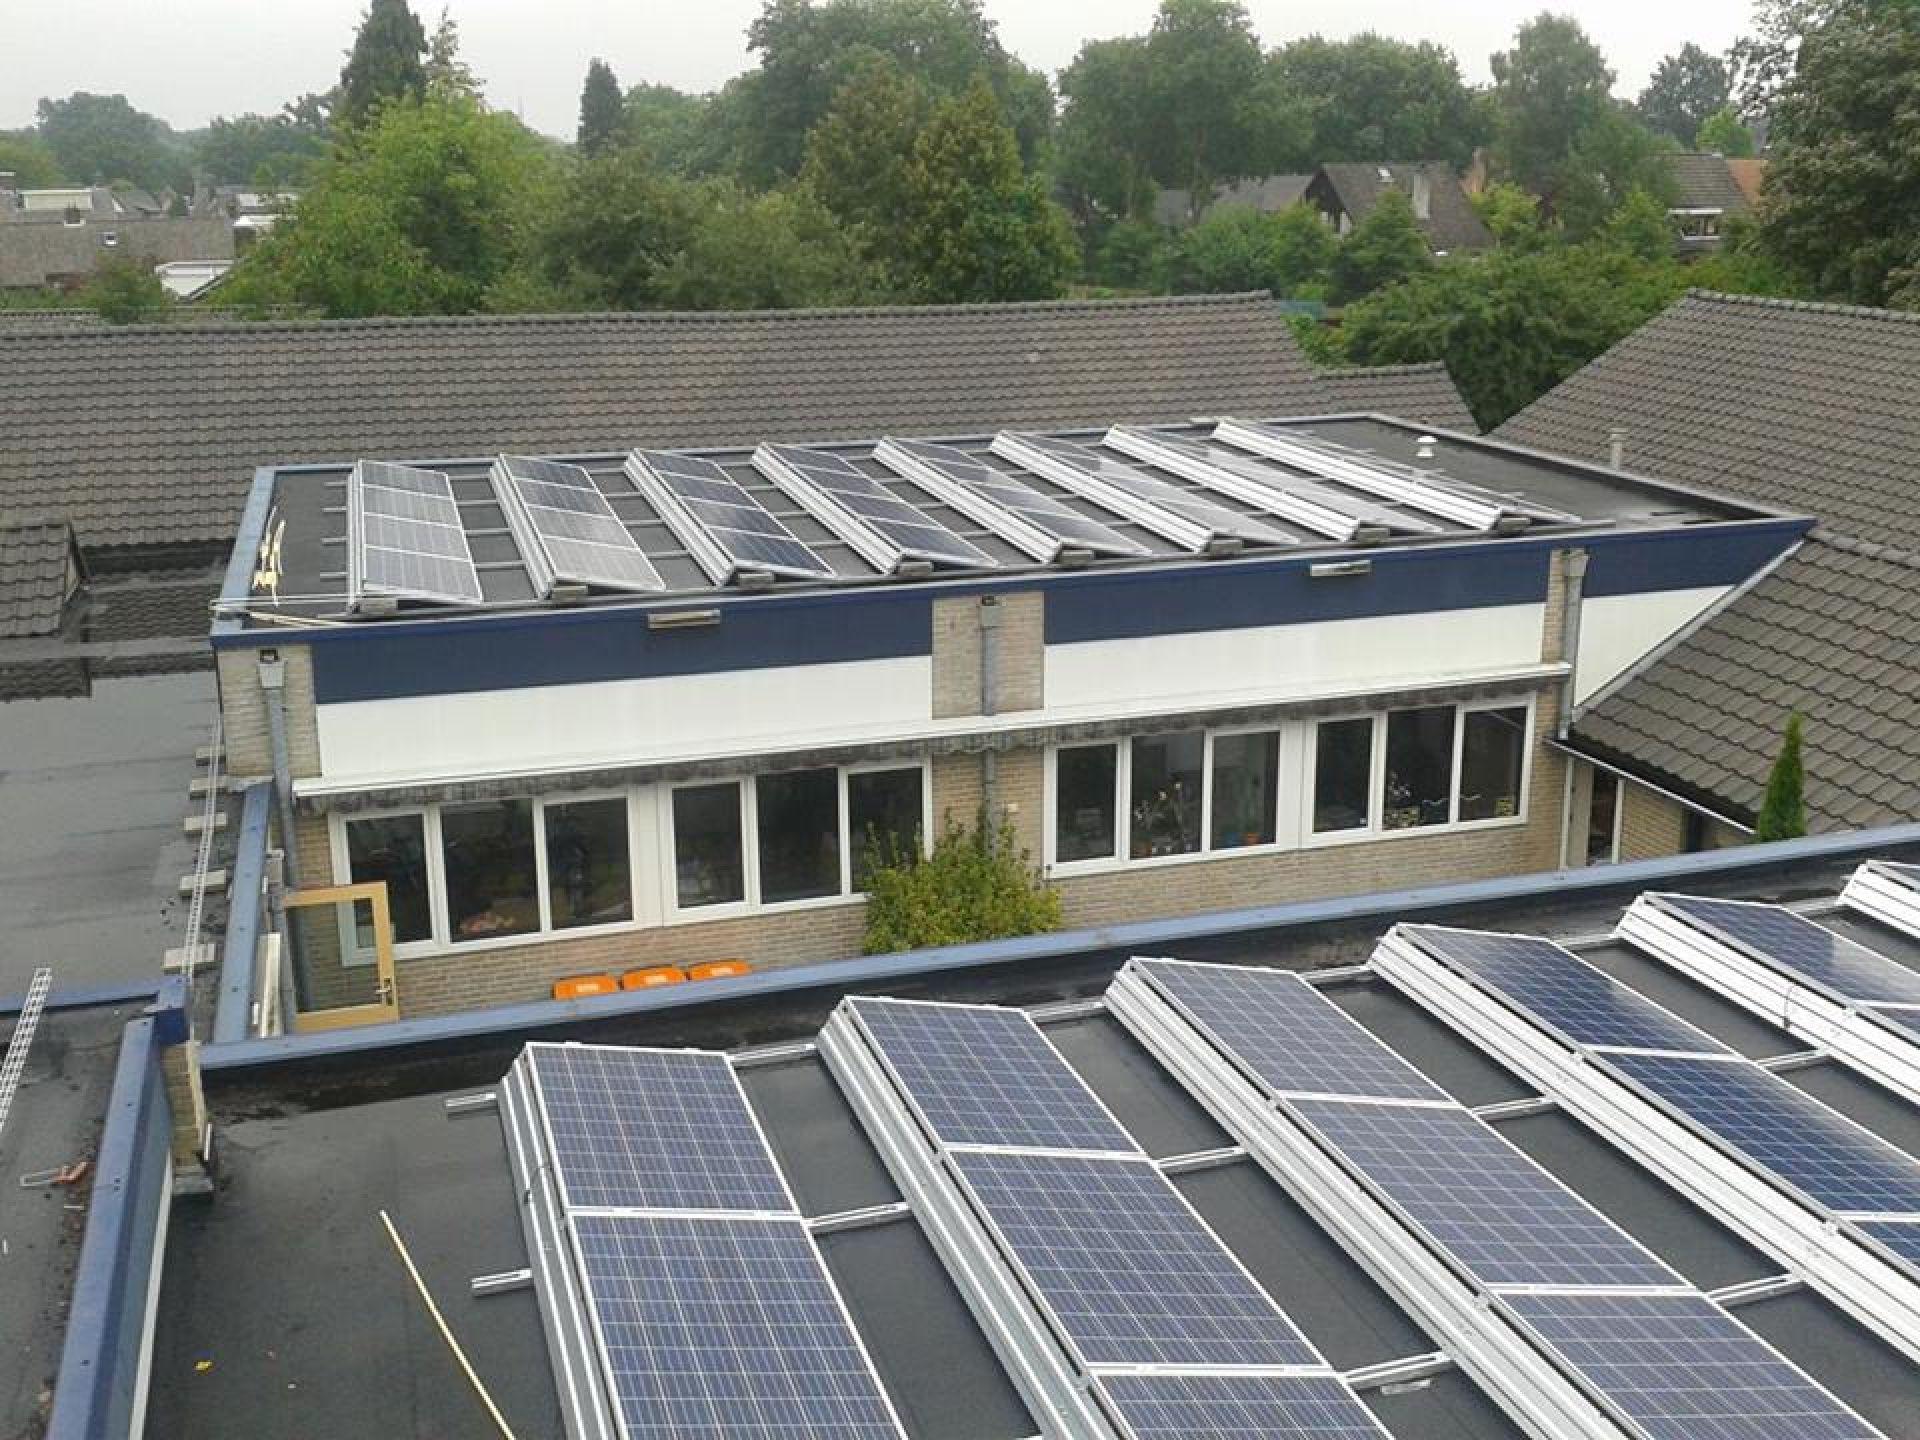 Erve Hooyerinck plaatst 144 zonnepanelen op dak